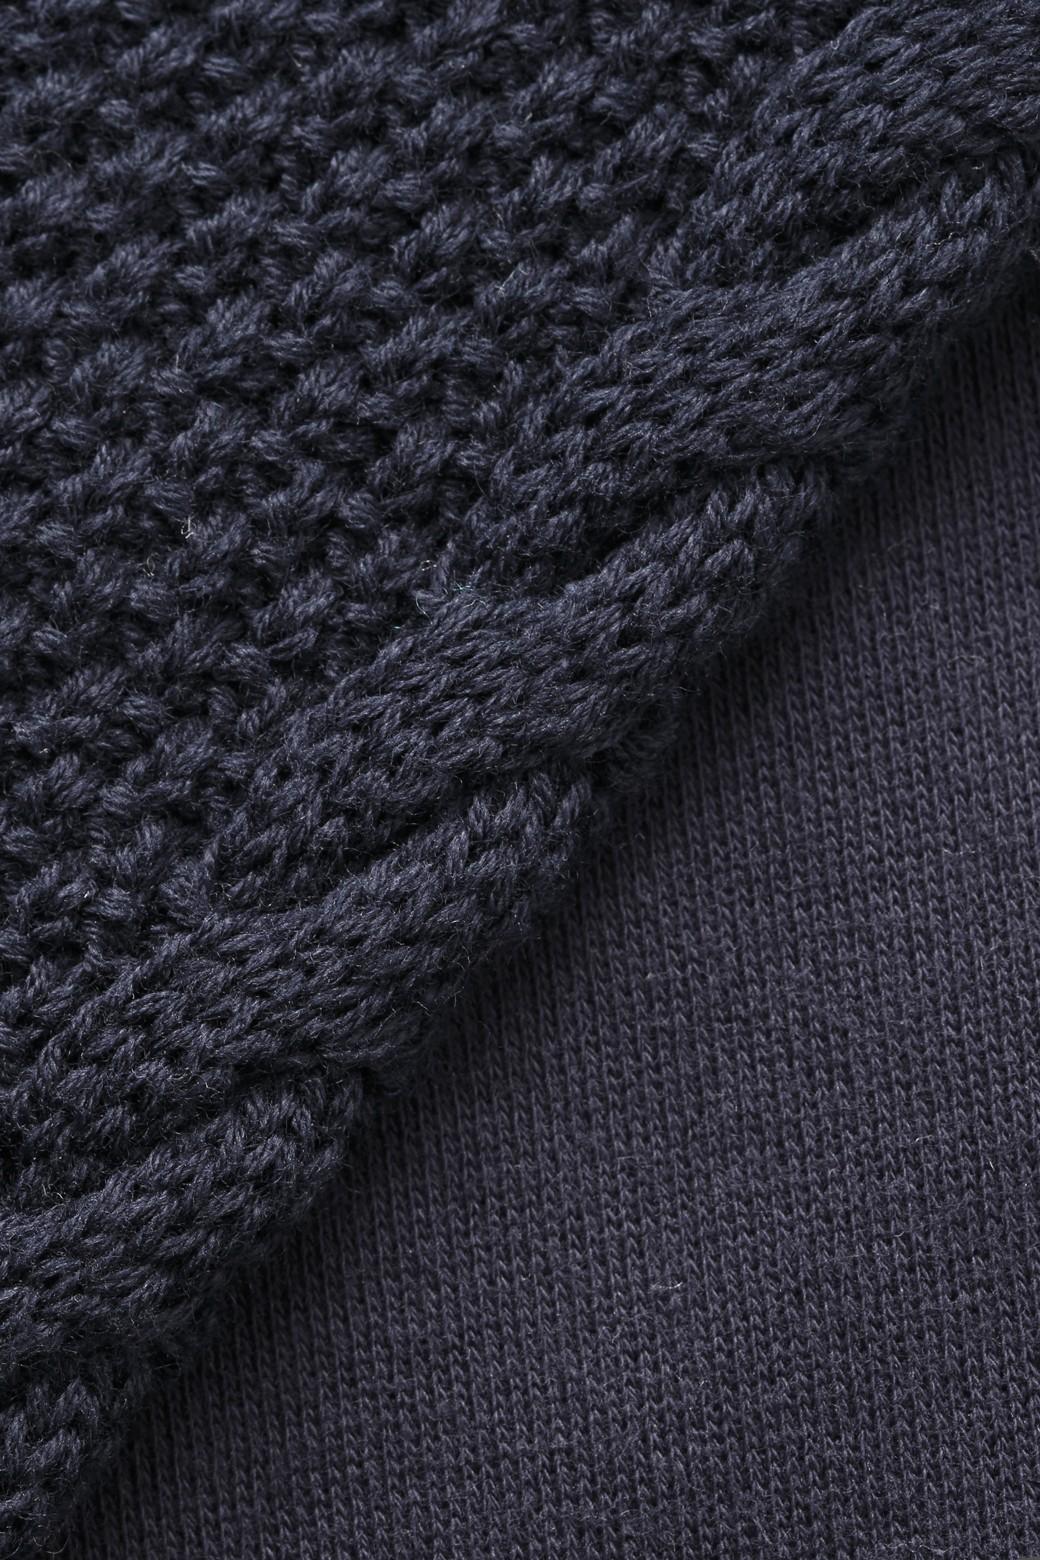 nusy ケーブルニット袖のスウェットワンピース <ネイビー>の商品写真3